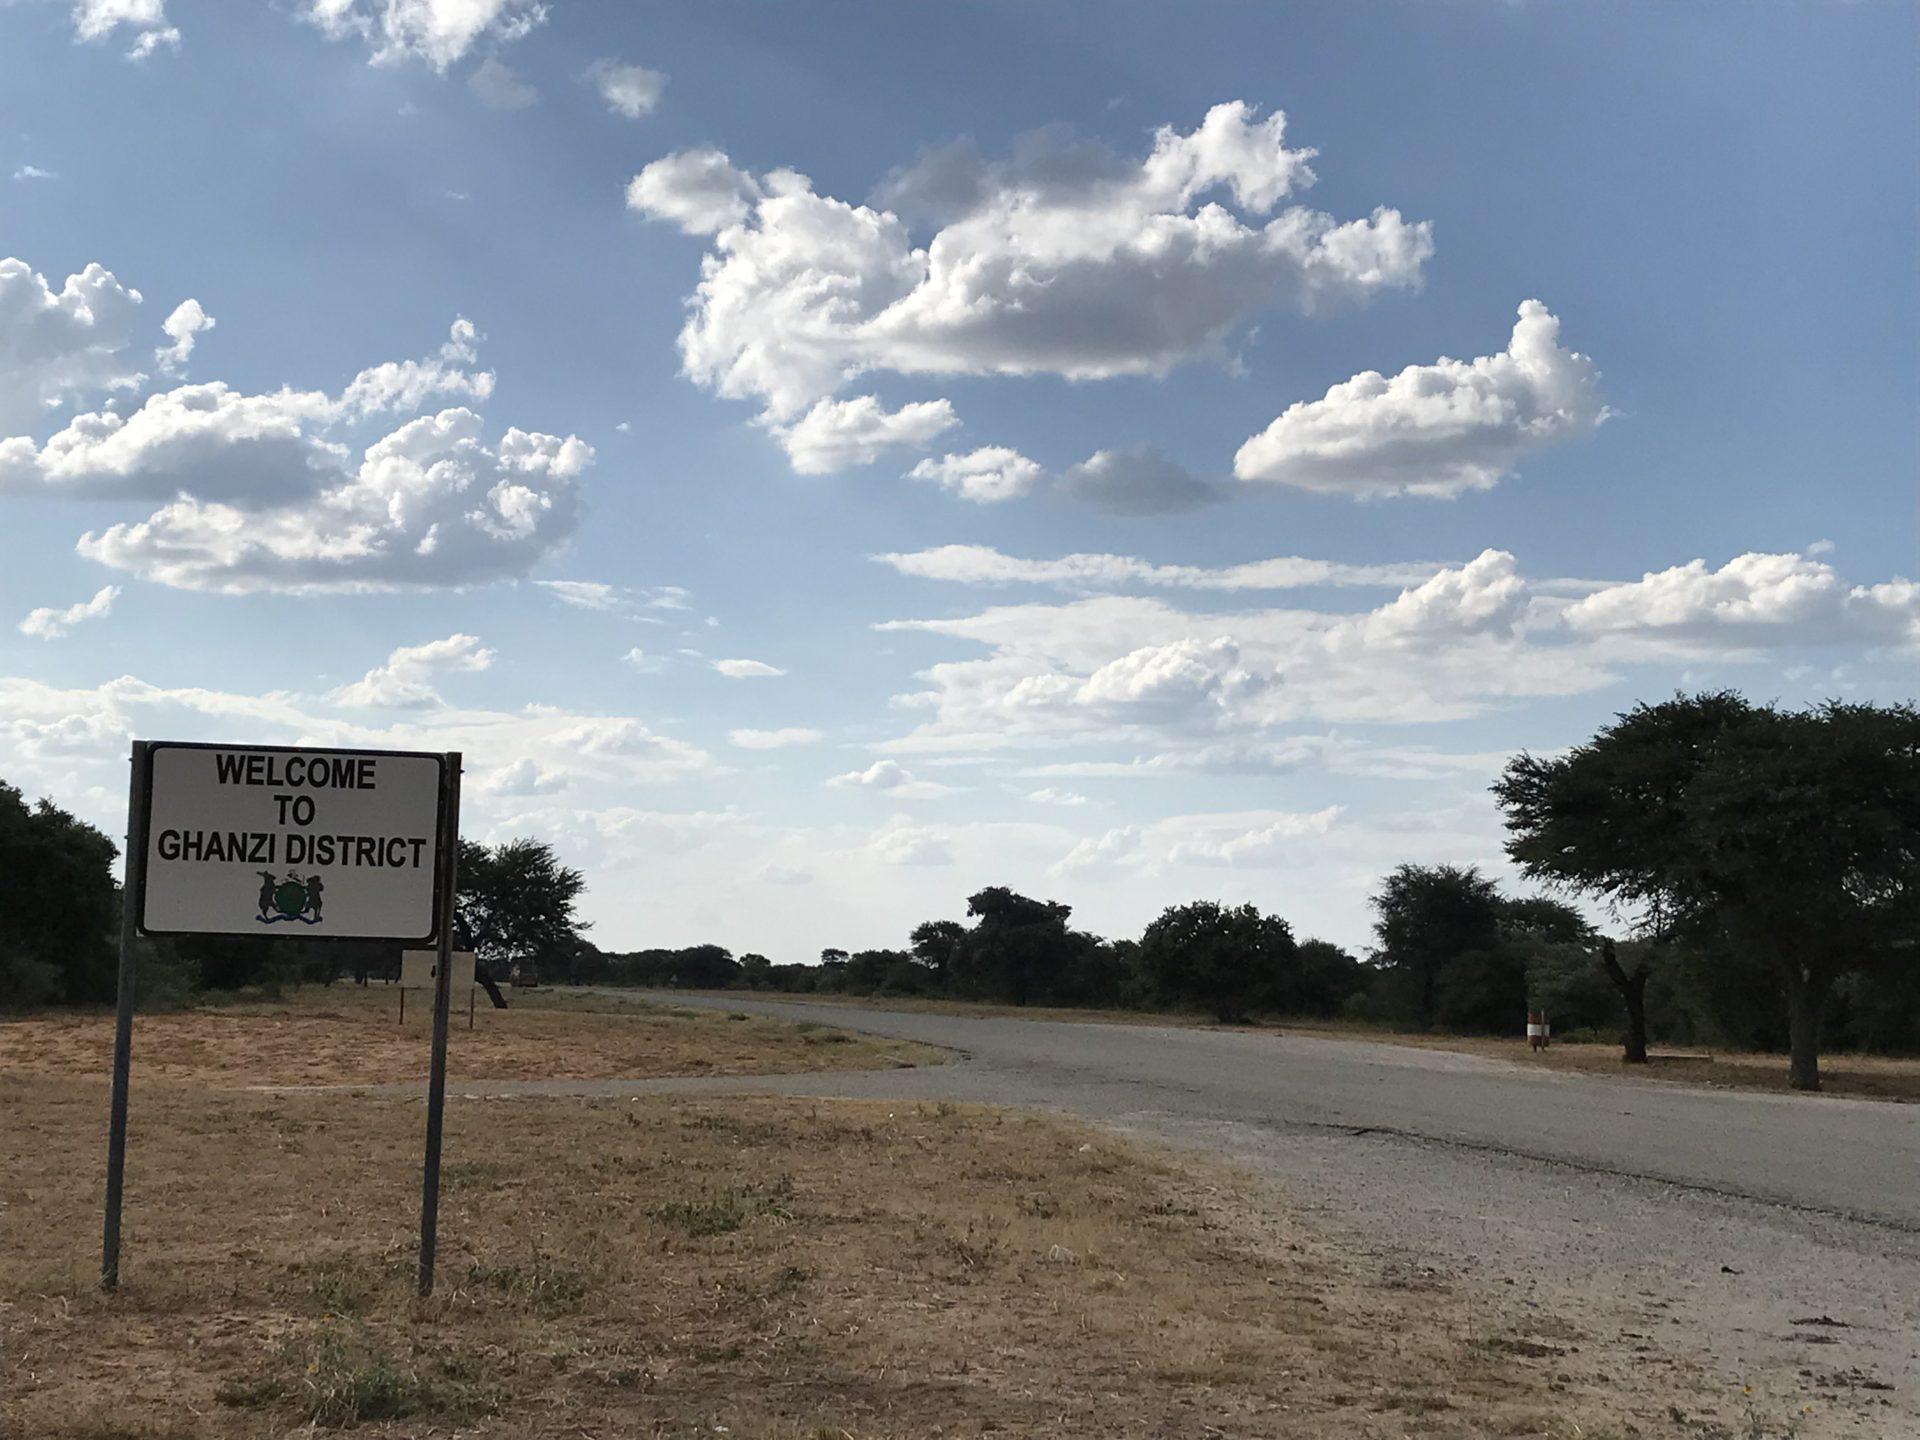 Clouds over Ghanzi, Botswana